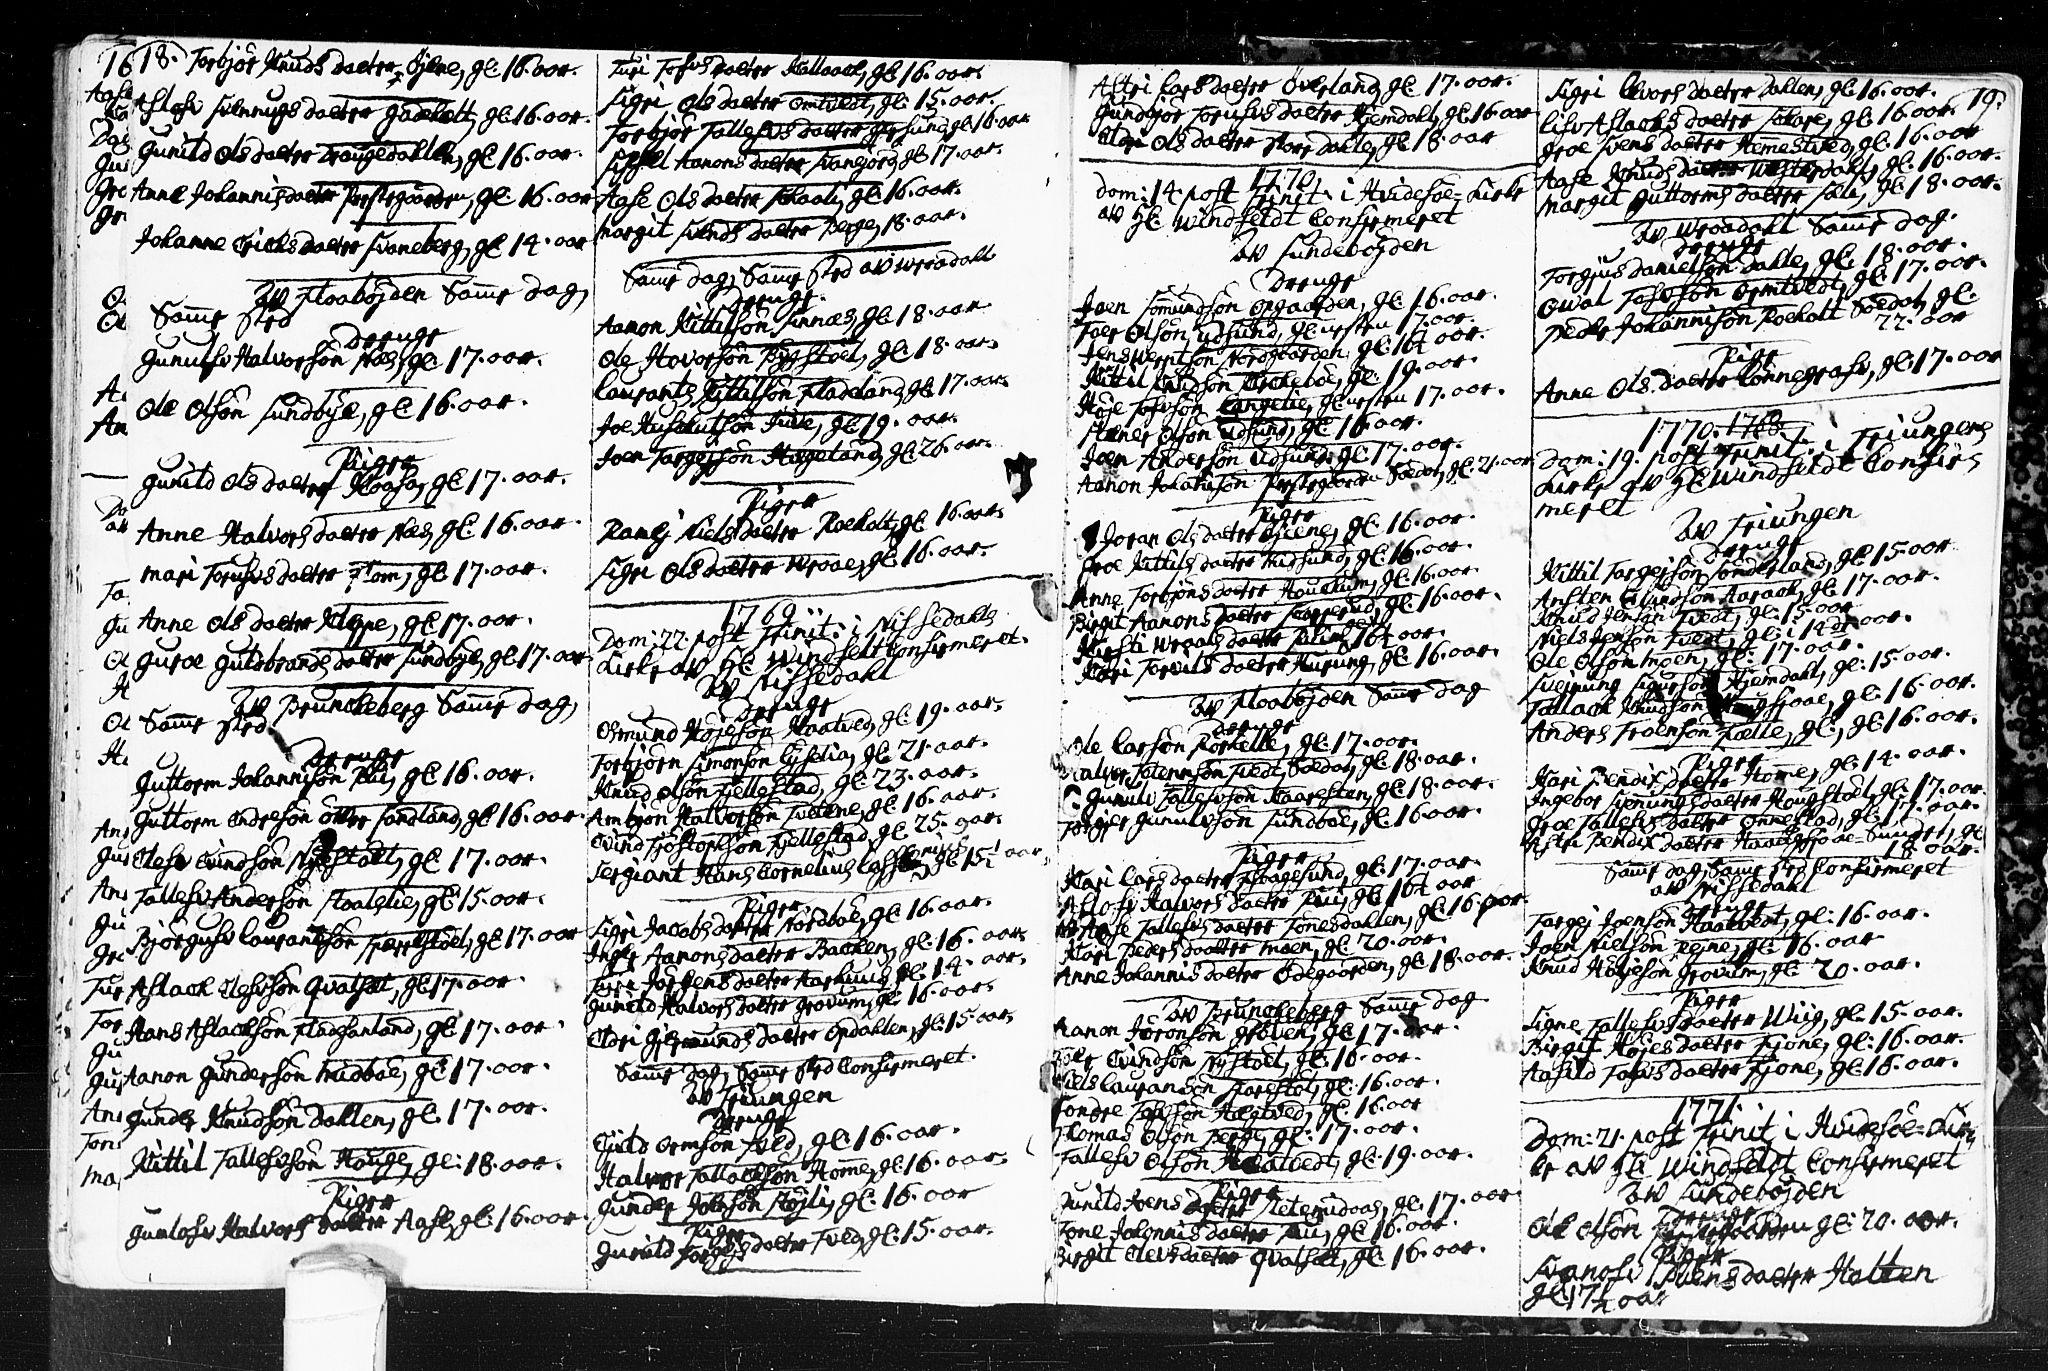 SAKO, Kviteseid kirkebøker, F/Fa/L0001: Ministerialbok nr. I 1, 1754-1773, s. 18-19